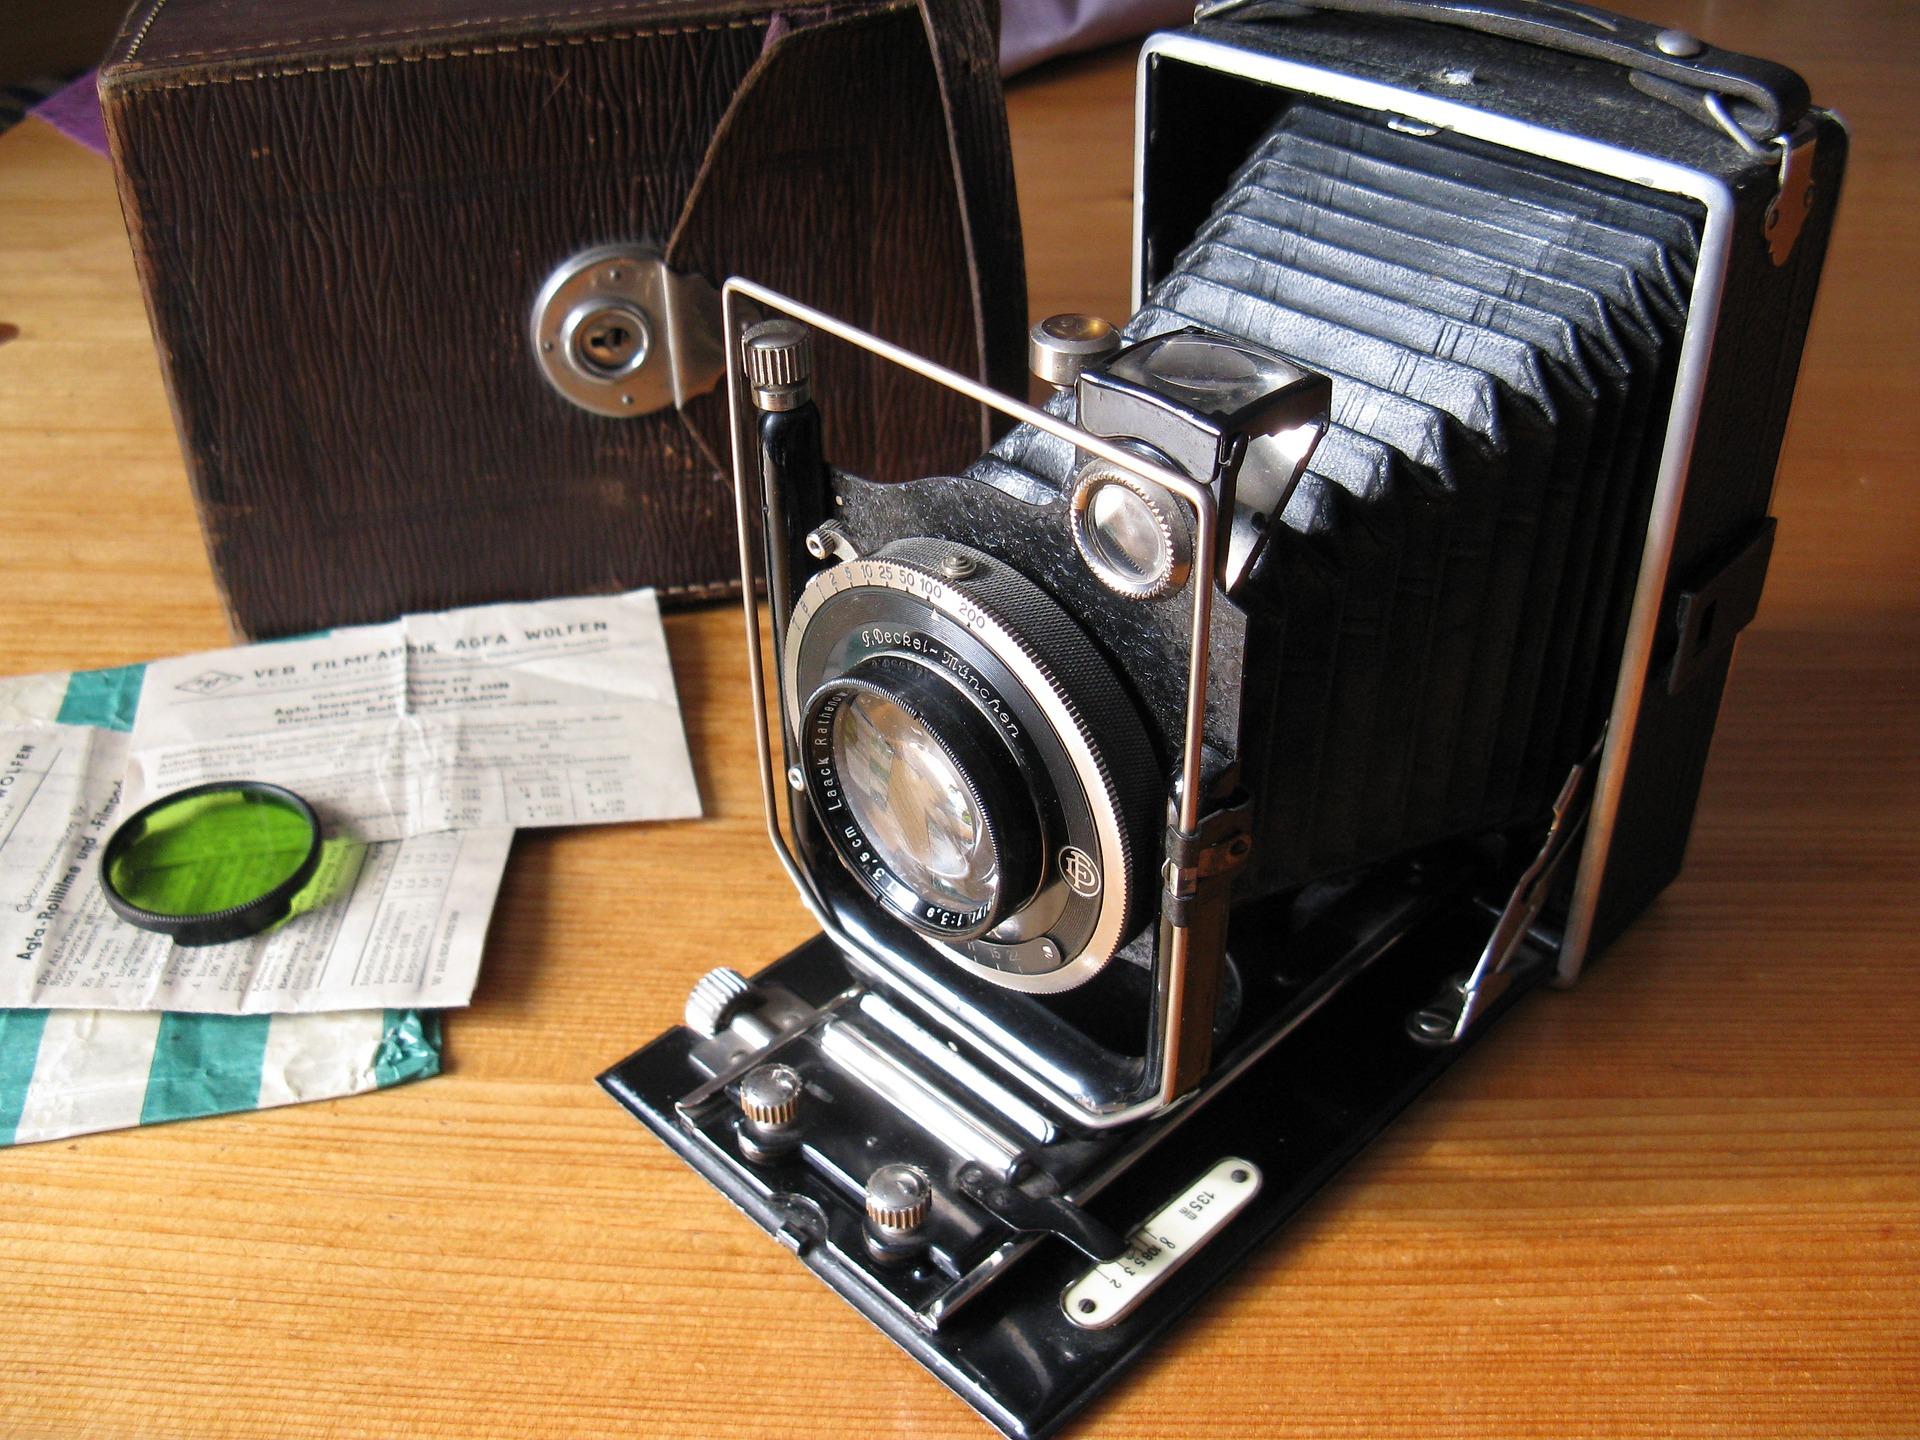 相机, 年份, 老, 相机拍照, 回忆, 摄影 - 高清壁纸 - 教授-falken.com